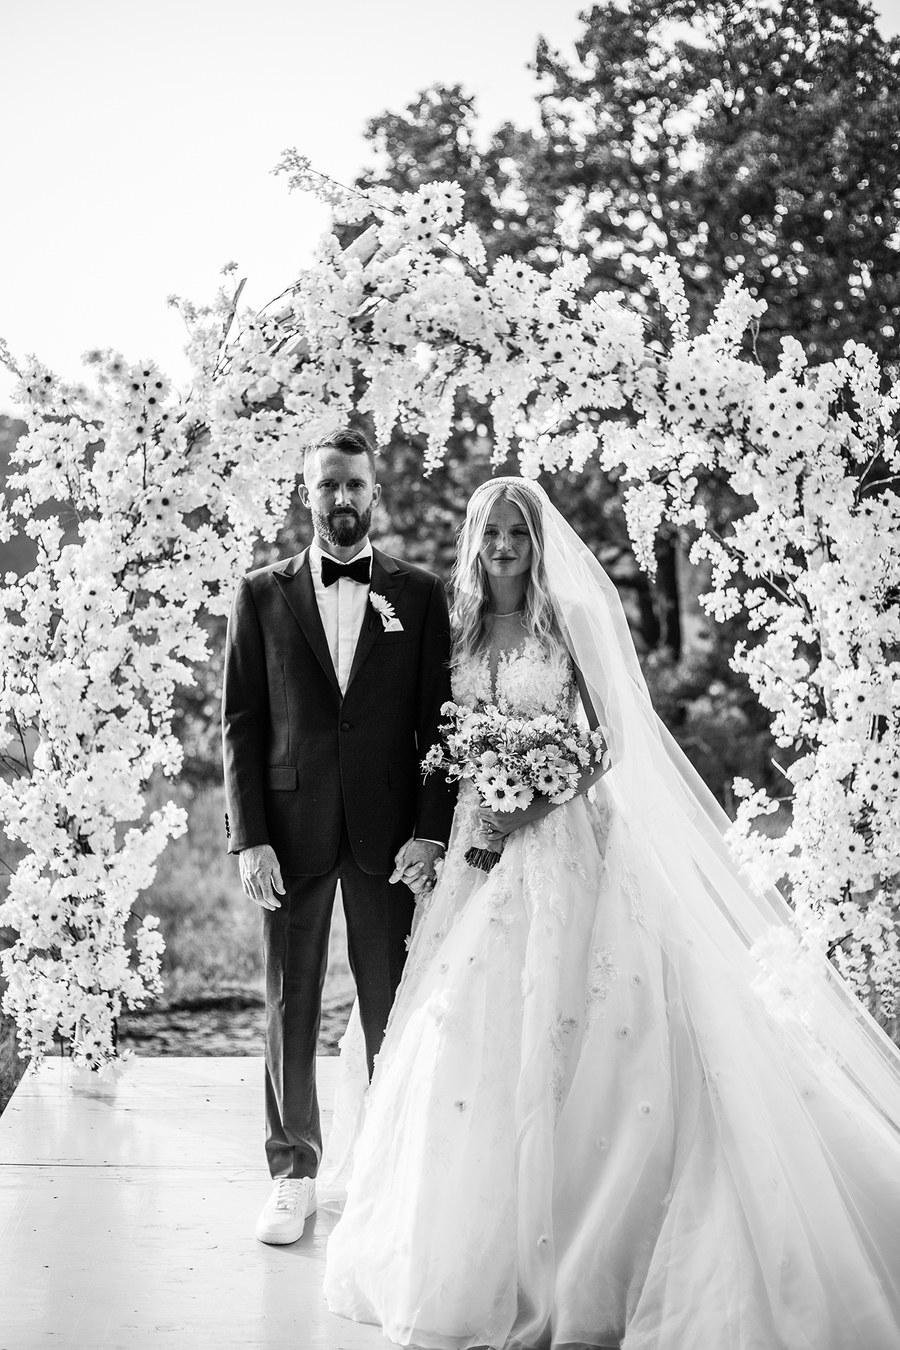 bab579b5bd34 VOGUE Real Wedding Featured  Ash + Corey 8.11.18 ♡ — Ashley Fox Designs